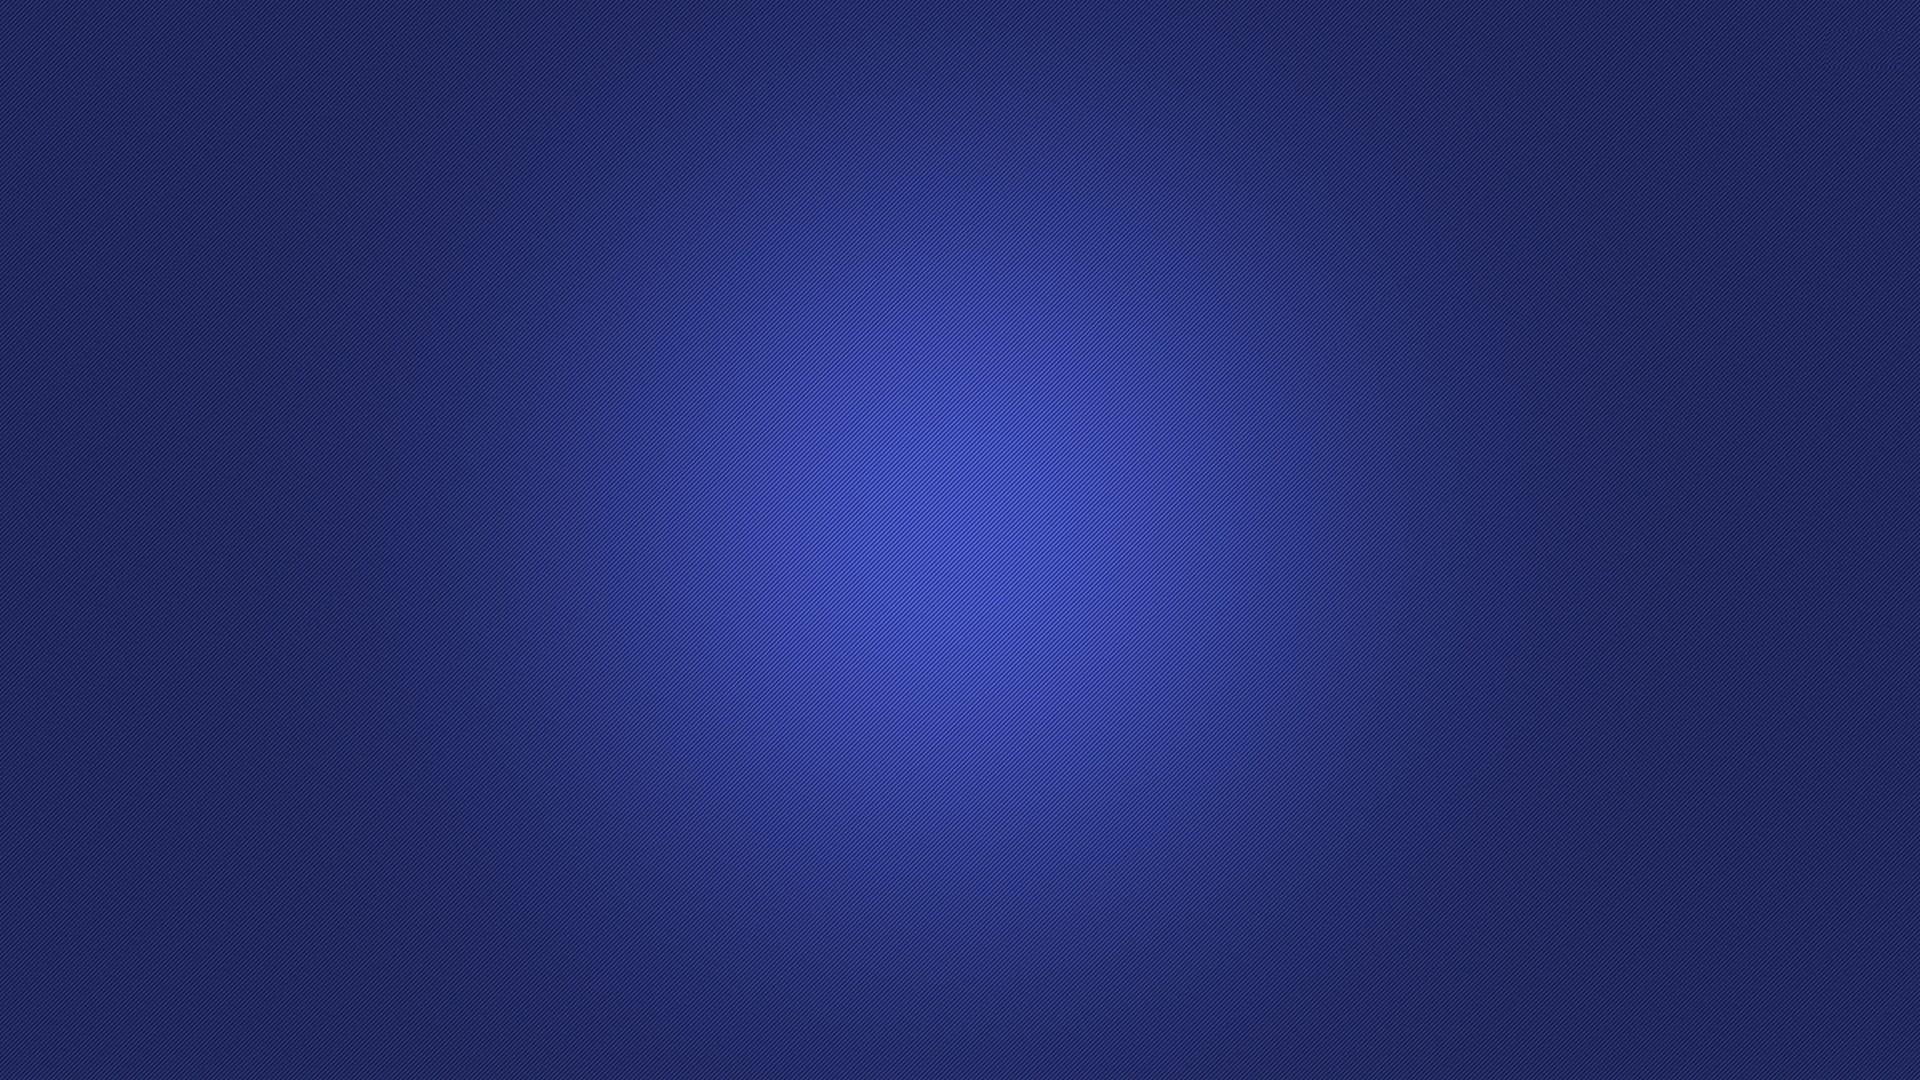 blue carbon fiber wallpaper hd diagonal lines digital art